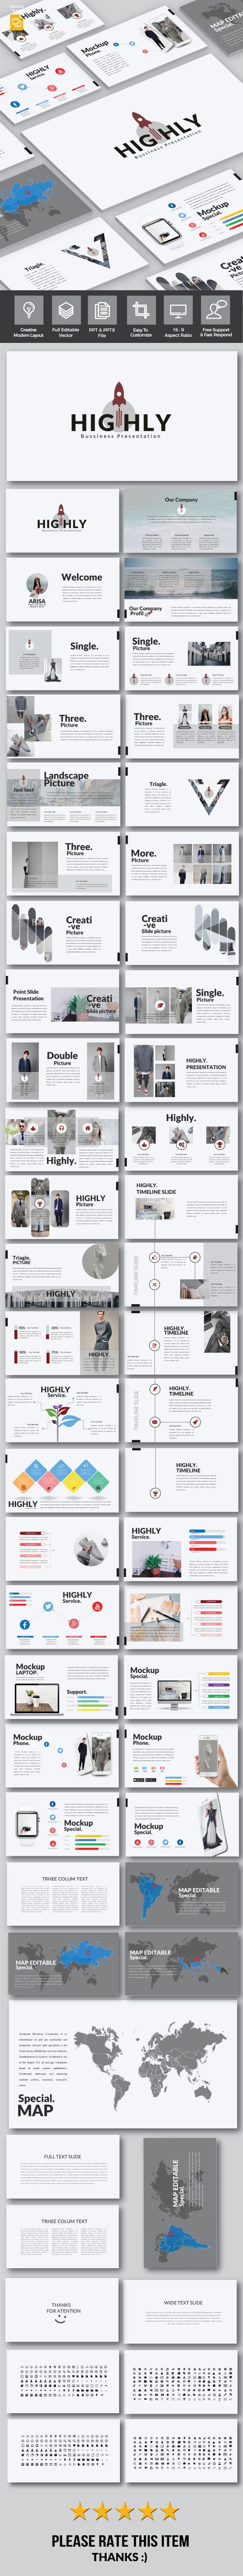 Highly - Google Slide - Google Slides Presentation Templates